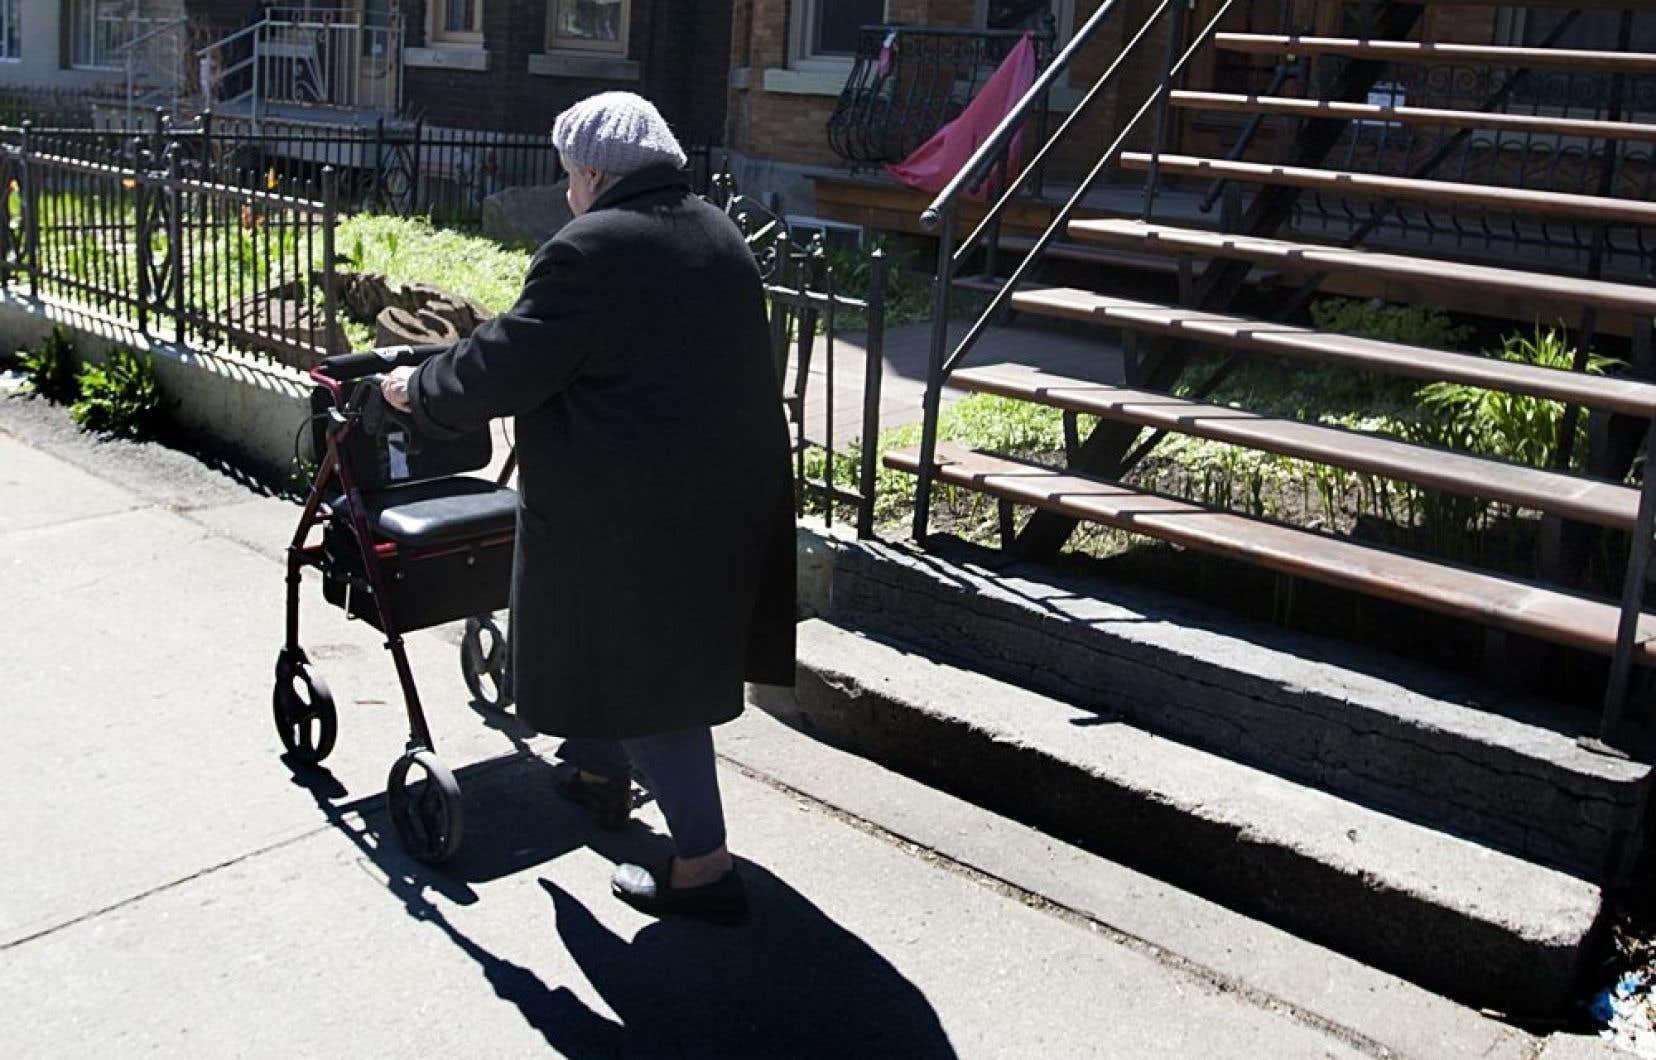 Les adultes et les mineurs émancipés présentant des incapacités en raison d'une maladie chronique, d'une déficience physique ou intellectuelle ou d'un trouble envahissant du développement auraient ainsi droit, après évaluation, à une allocation de soutien à l'autonomie.